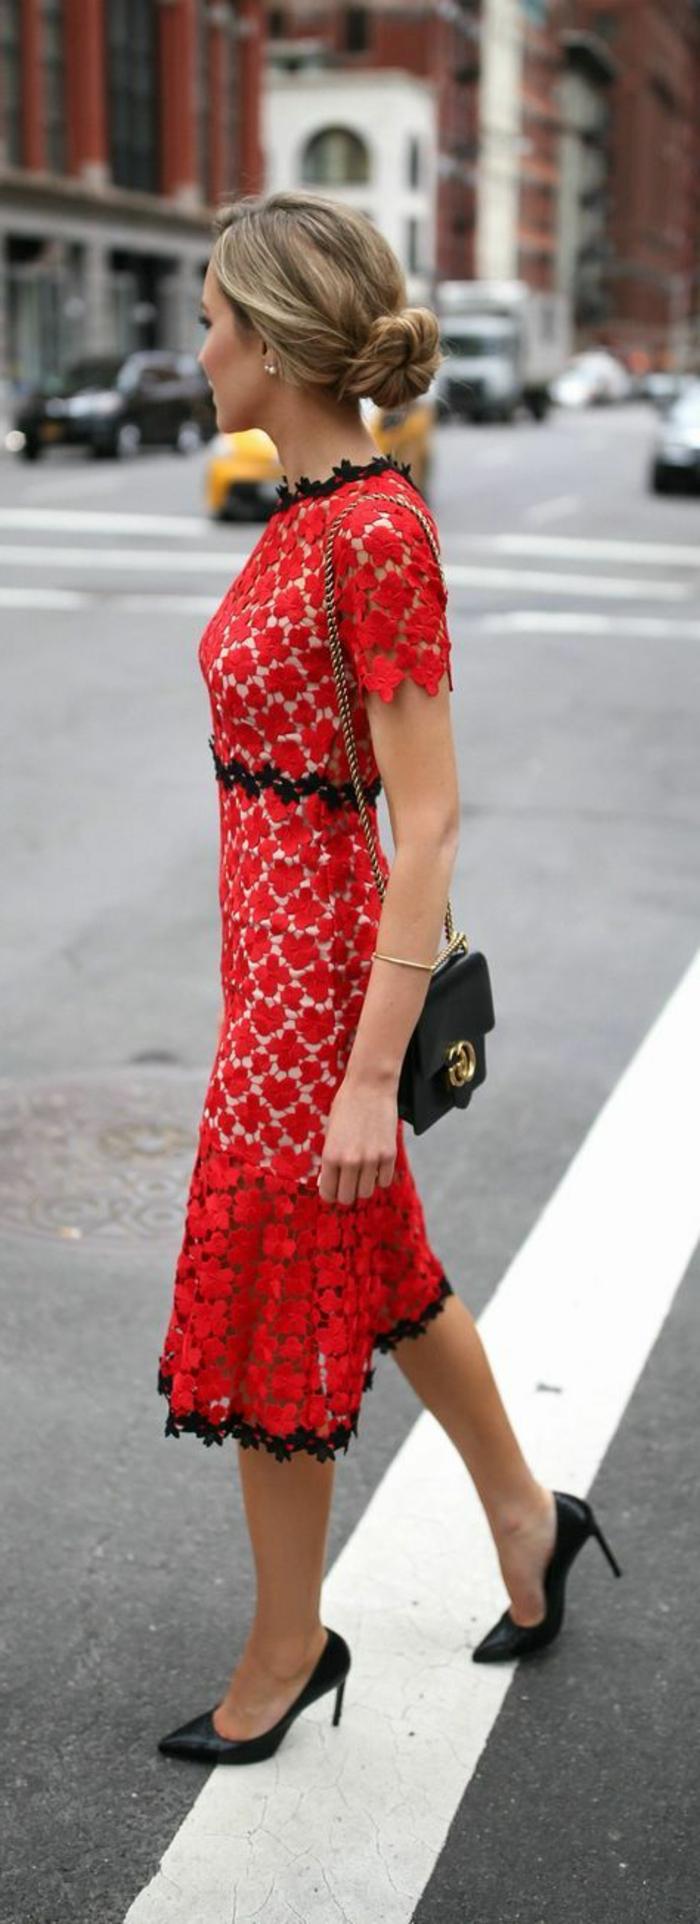 robe pour mariage ajourée en dentelle rouge, avec ourlets en dentelle noire, motifs fleuris, ceinture en dentelle noire, micro sac noir avec fermeture métallique en style vintage, escarpins noirs talons aiguilles